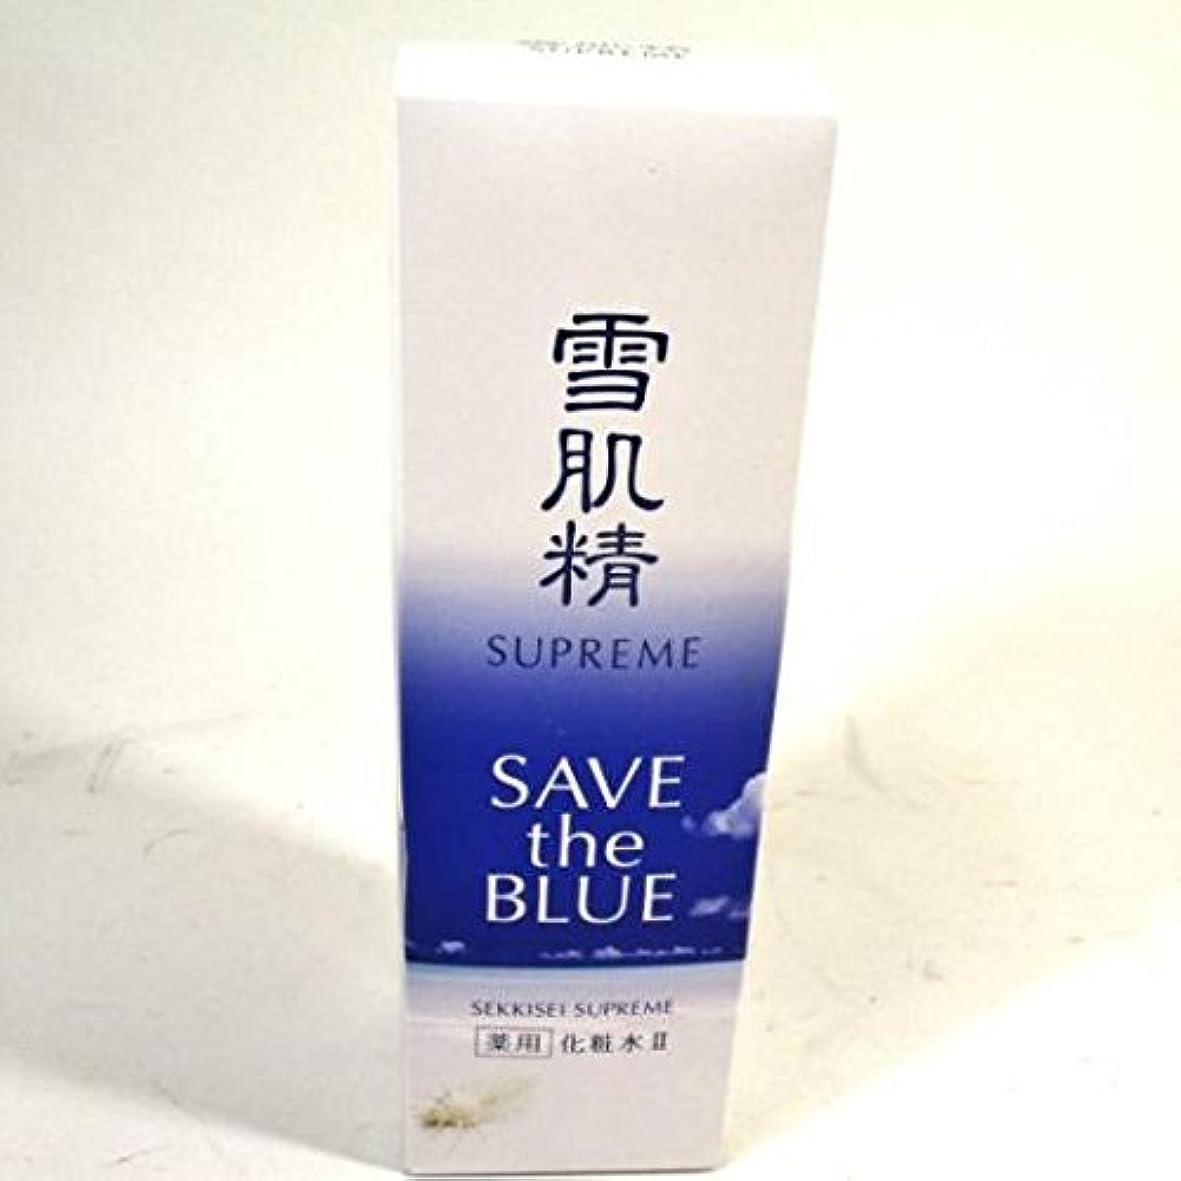 柱忘れっぽいお気に入りコーセー 雪肌精 シュープレム 化粧水 Ⅱ 「SAVE the BLUE」 400ml